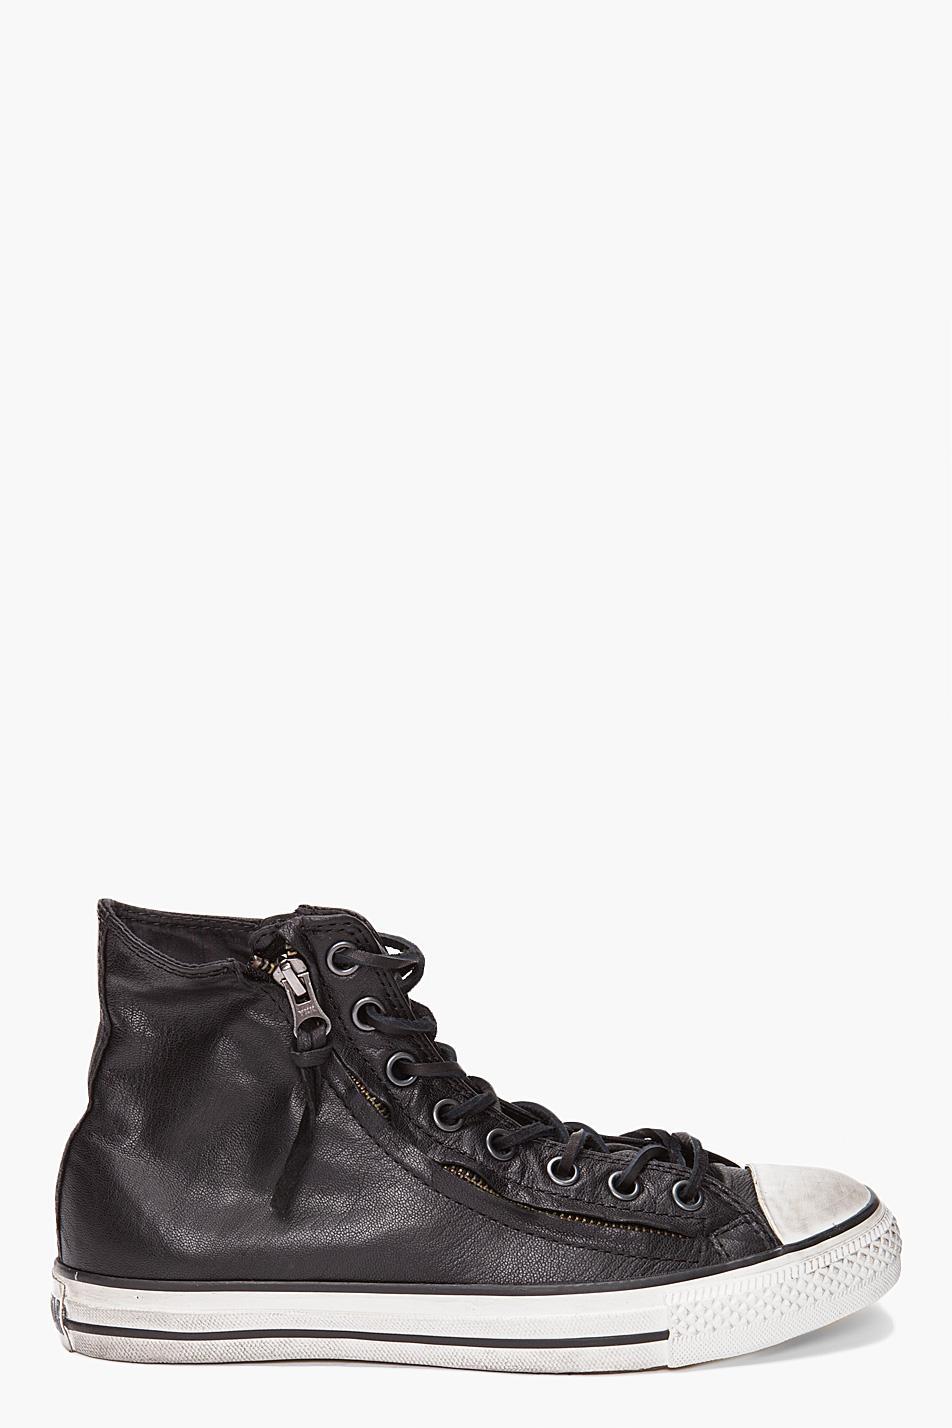 Lyst Converse Double Zip Hi Top In Black For Men